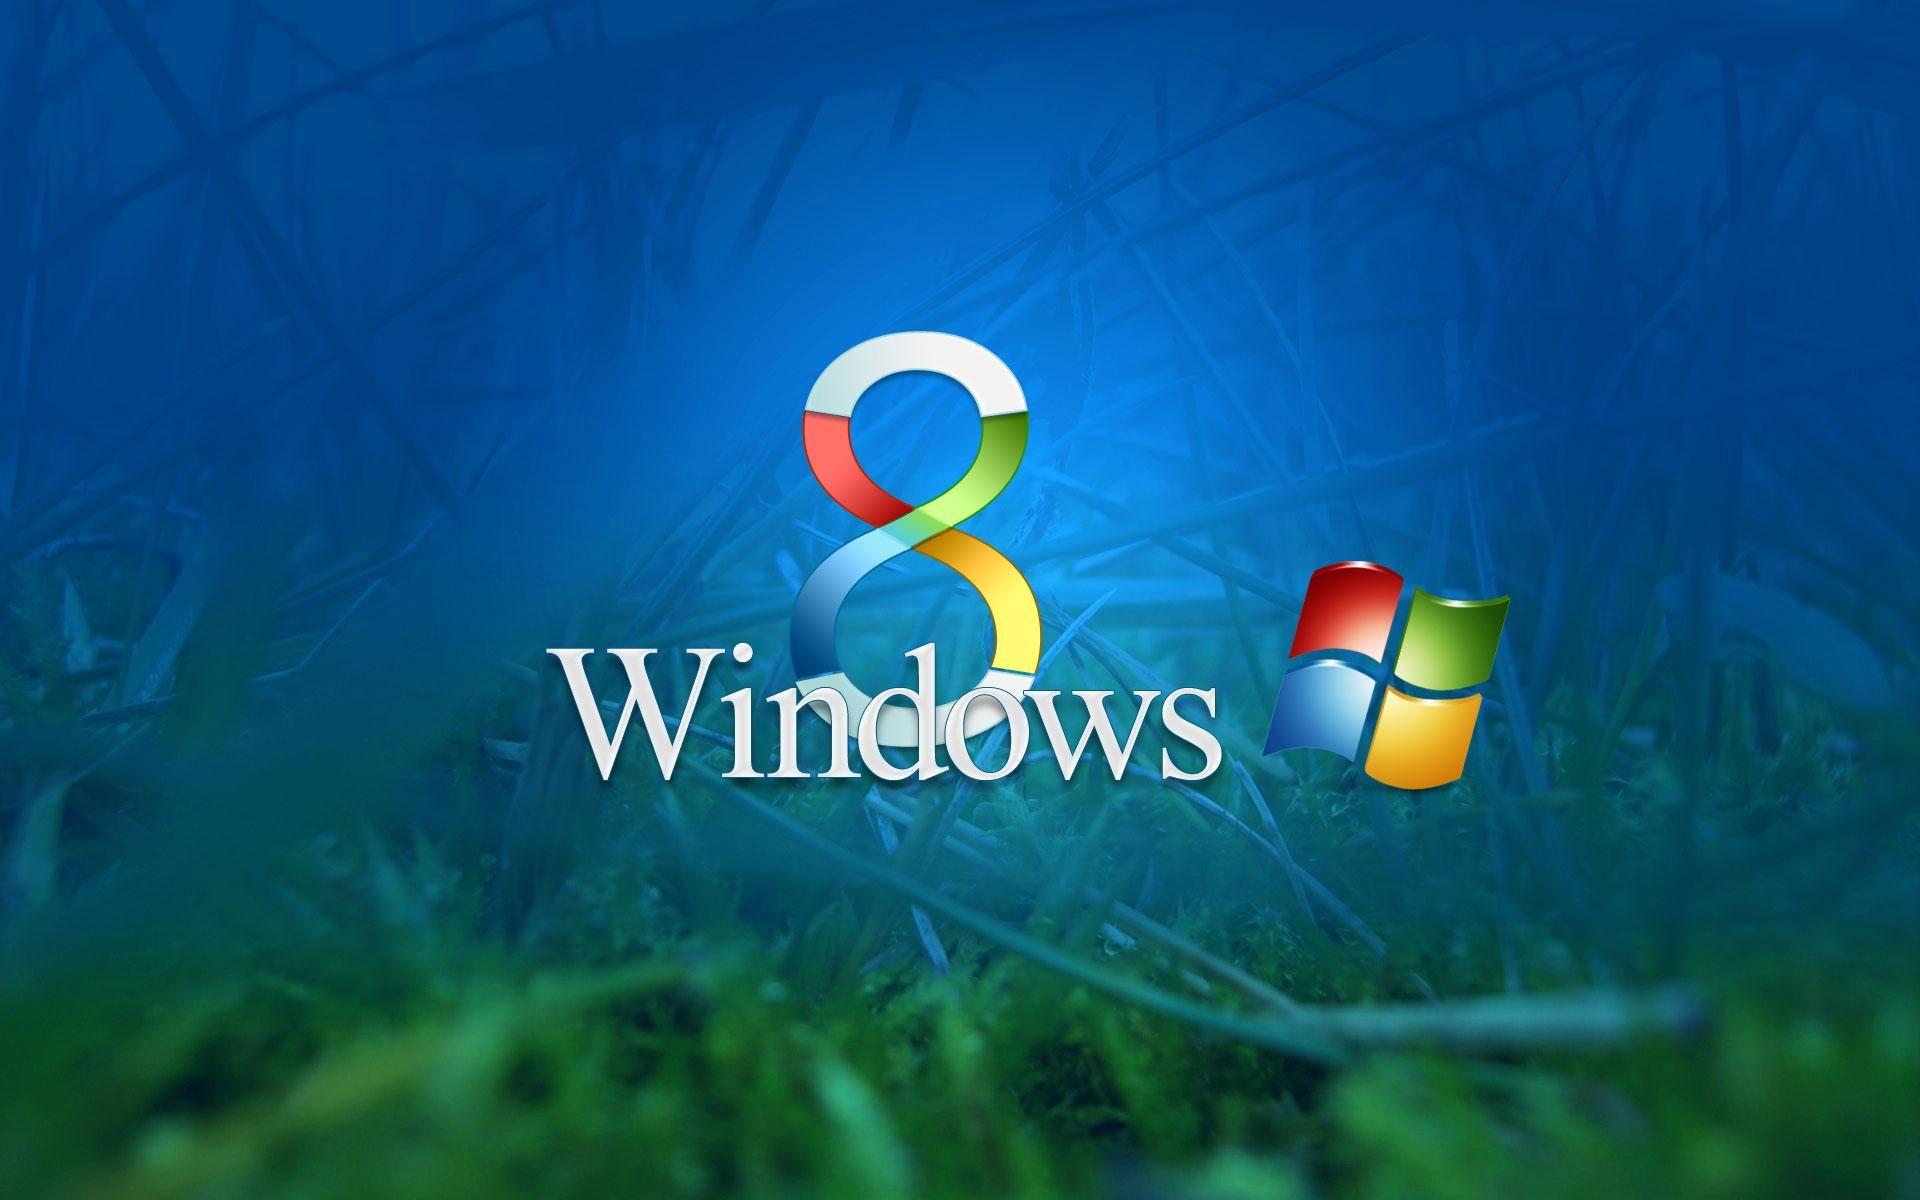 Wallpapers Hd Window 1920 1200 Windows 8 Wallpapers Hd 3d 49 Wallpapers Adorable Wallpapers Microsoft Windows Windows Wallpaper Windows Phone